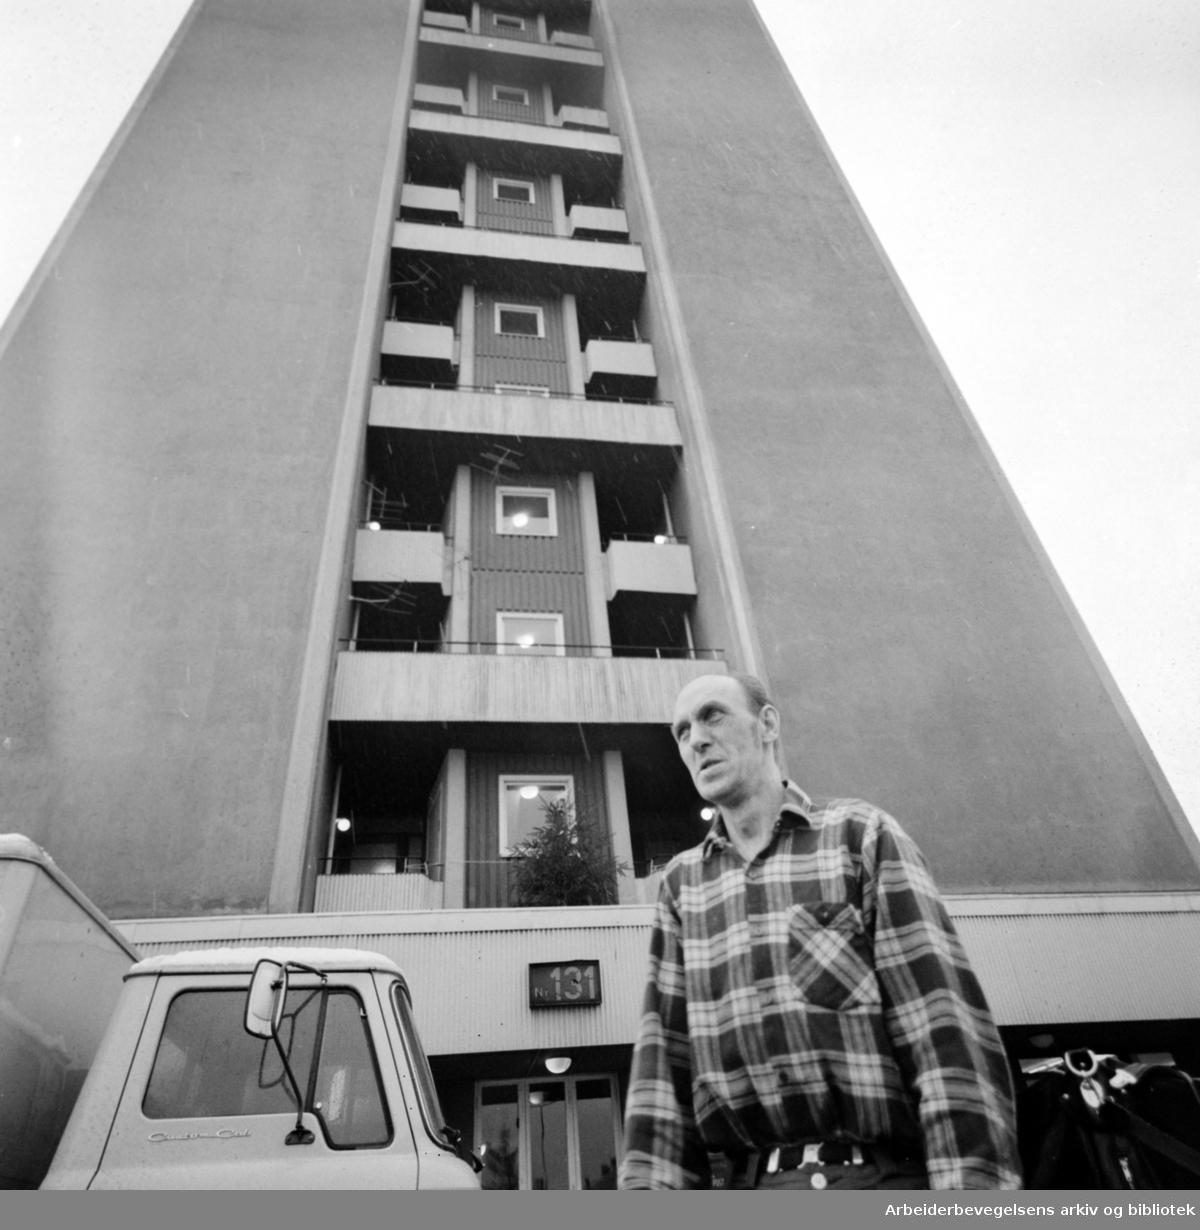 Teisen. Teisengløtt Trygdebolig. Pensjonistene plages av trafikk og eksos. Vaktmester G. Blomquist. Januar 1975